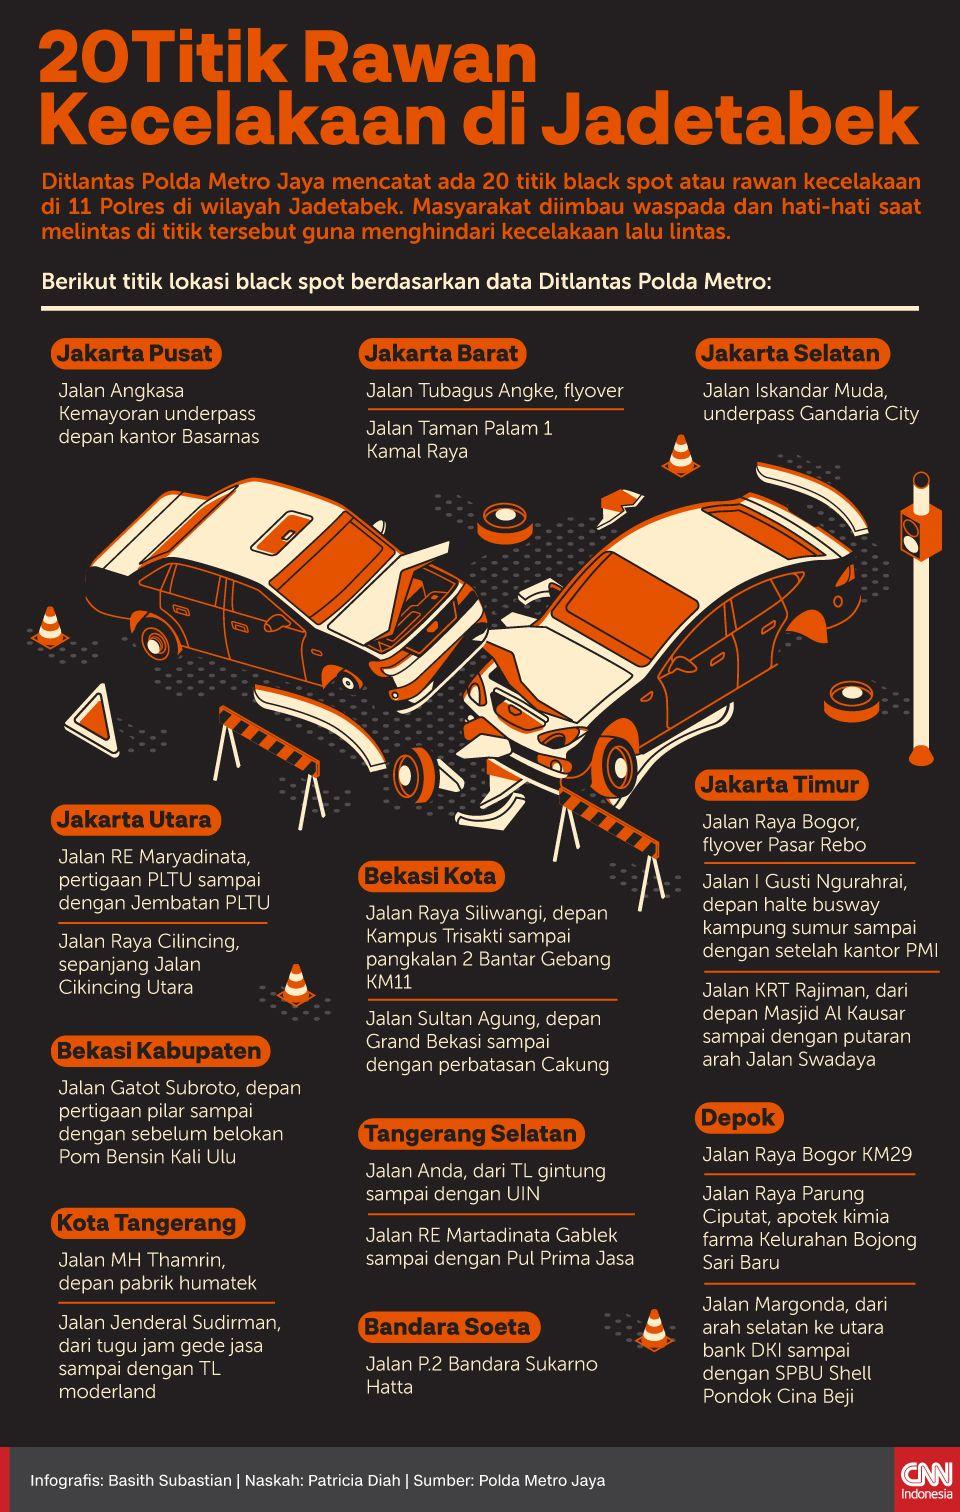 Infografis 20 Titik Rawan Kecelakaan di Jadetabek